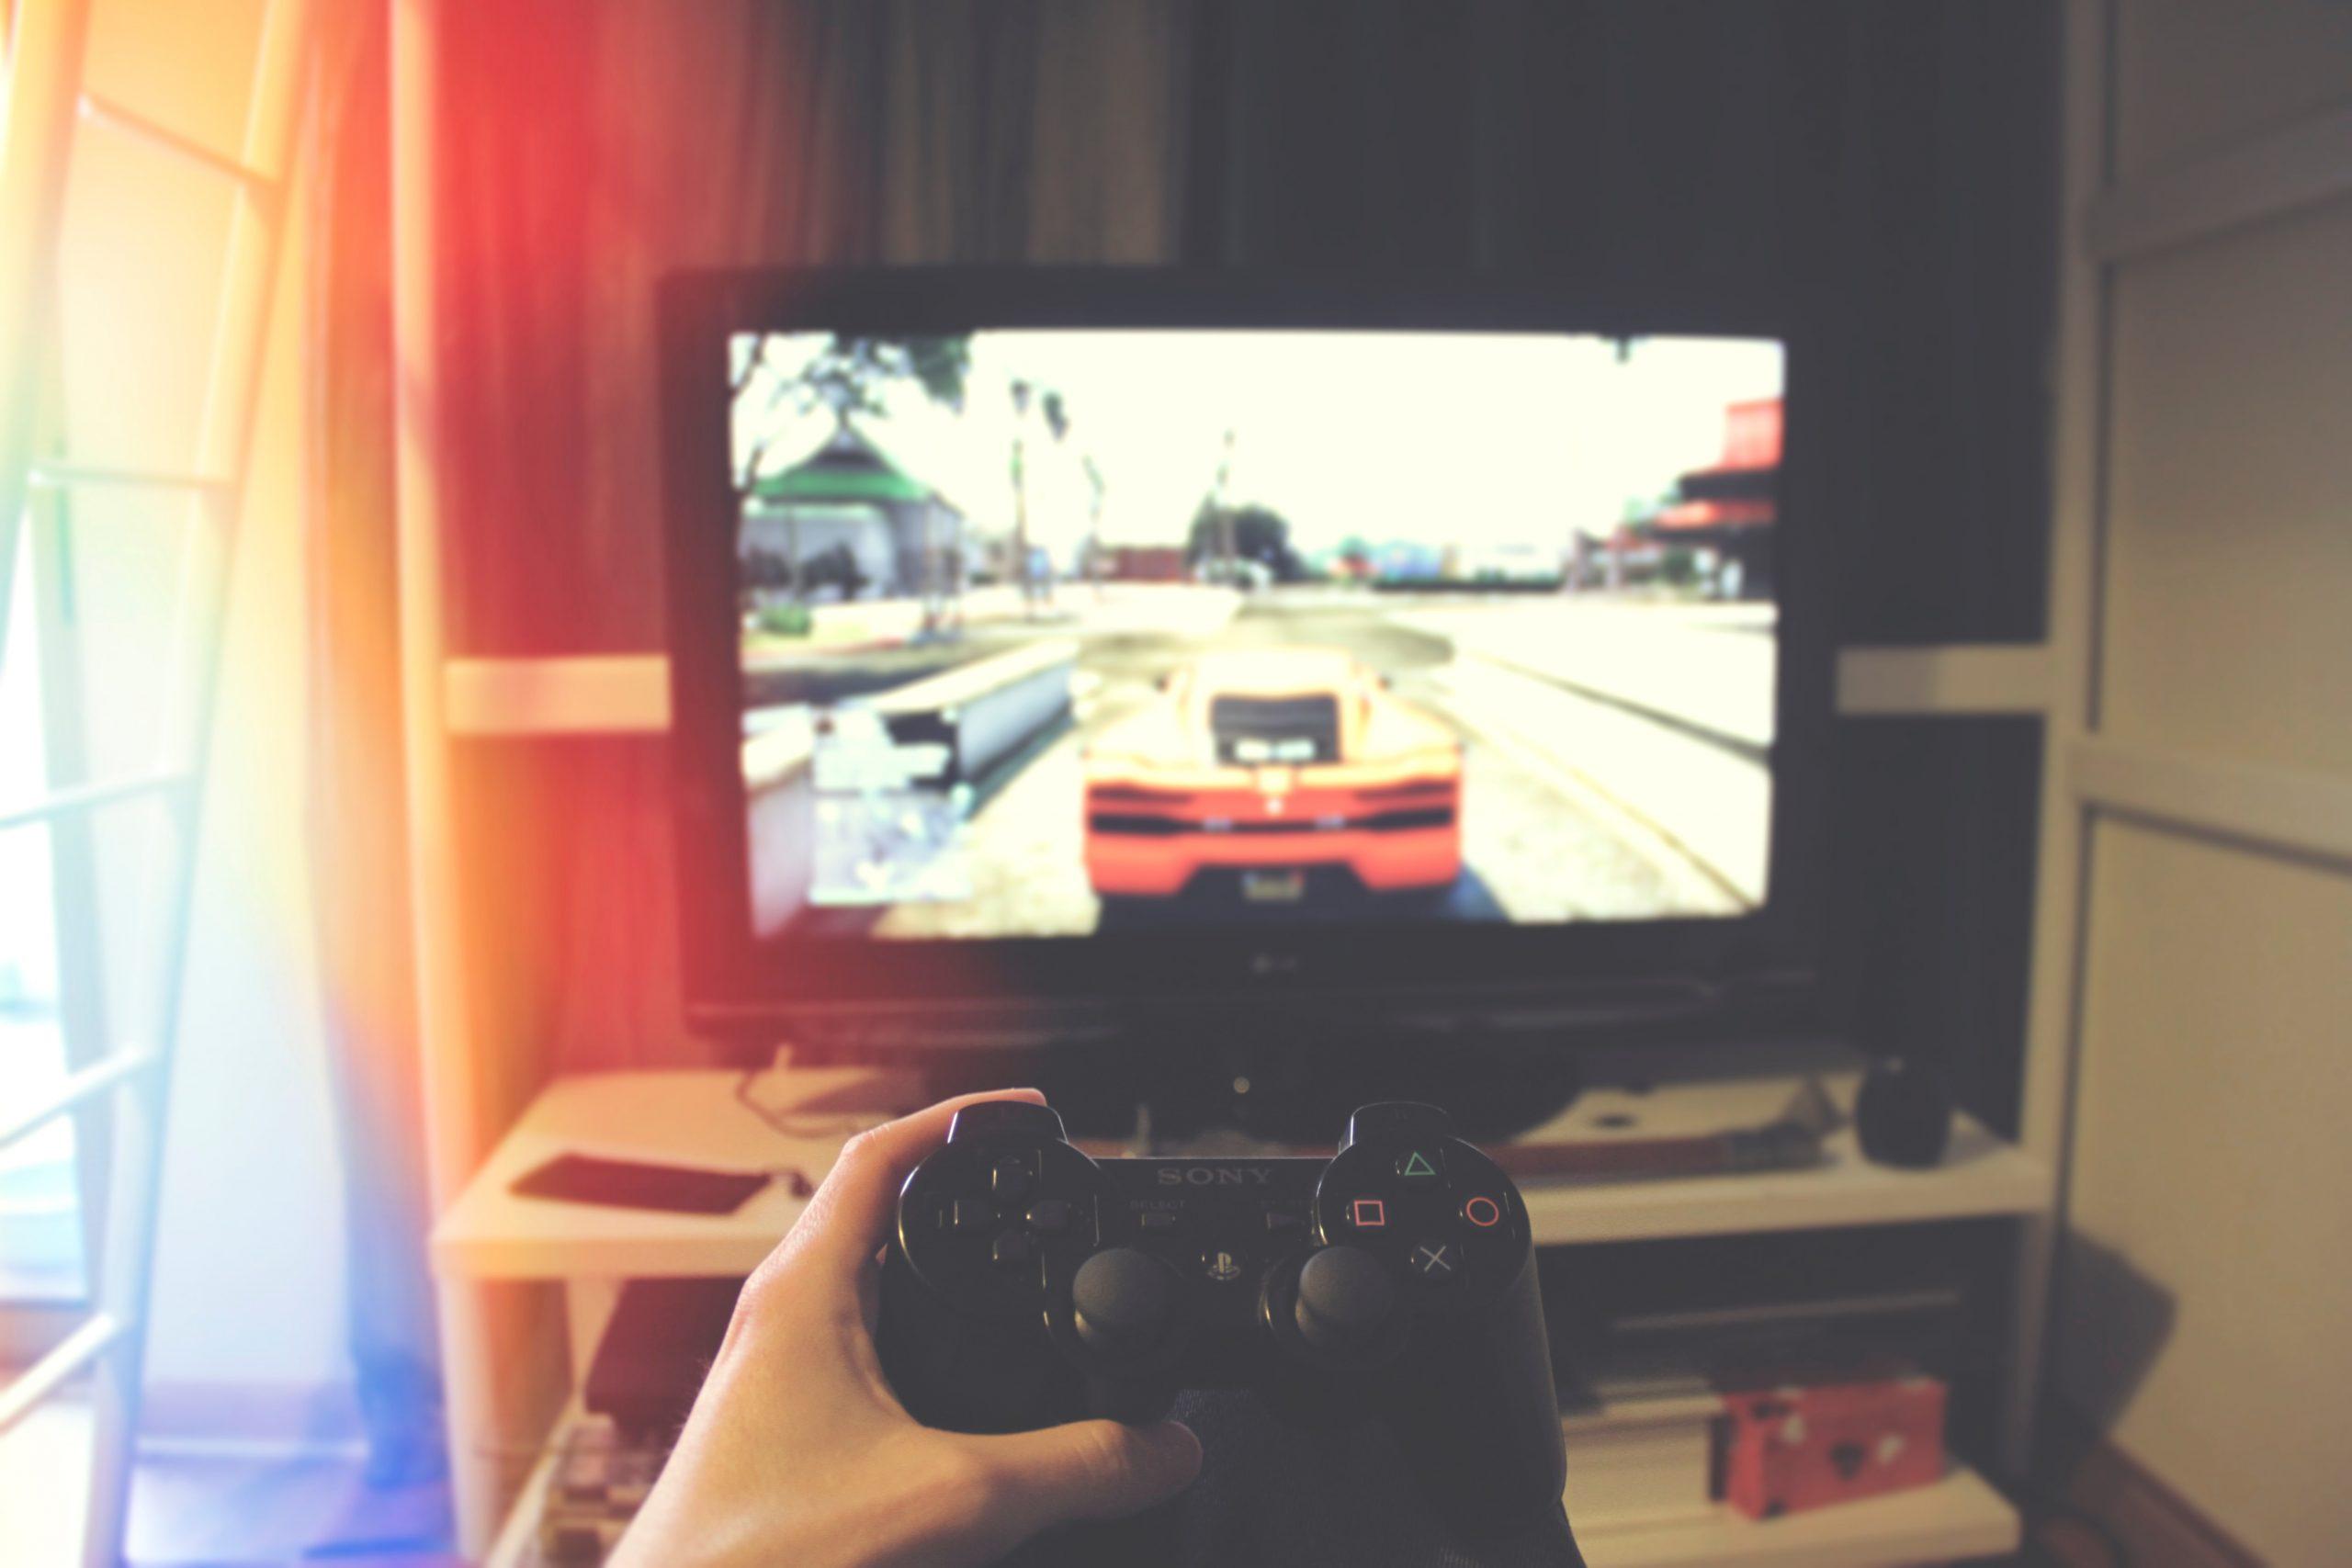 Imagem mostra uma mão segurando um controle de Playstation em frente à uma TV, cuja tela transmite um jogo de carro.